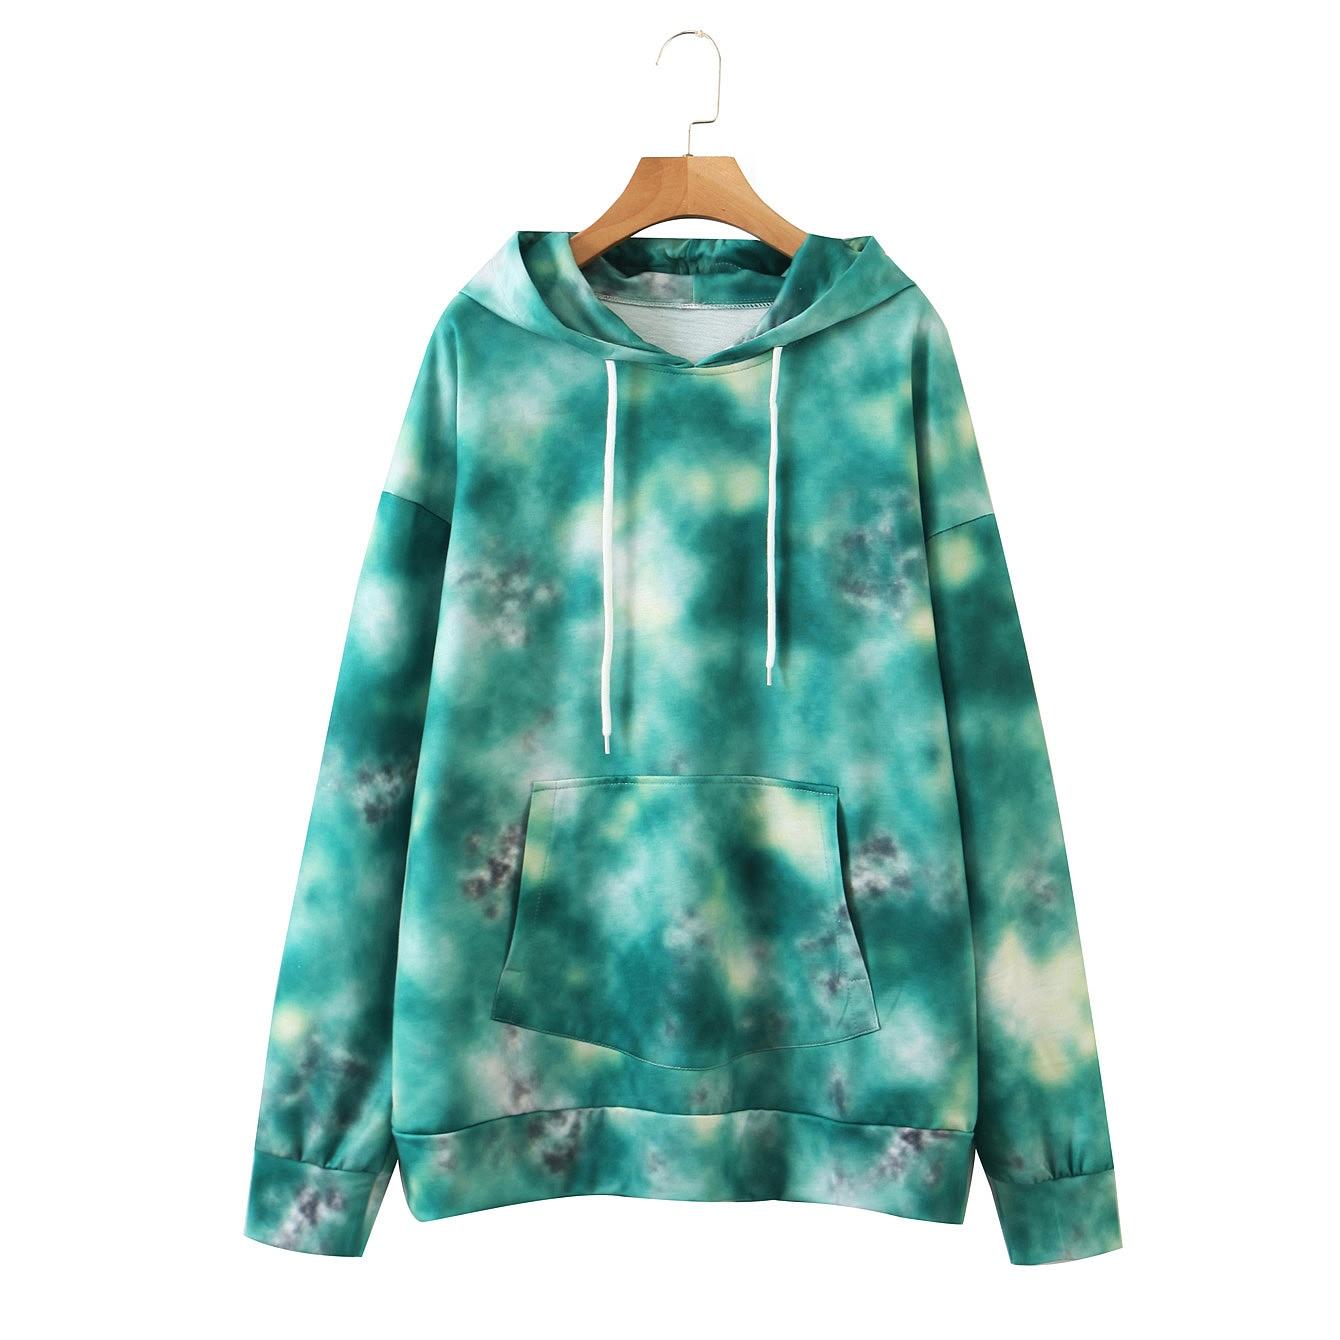 Wixra Womens Tie-dye Sweatshirts Femme New Fashion Hot Hoodies Pocket Long Sleeve Autumn Winter Casual Streetwear Tops 12